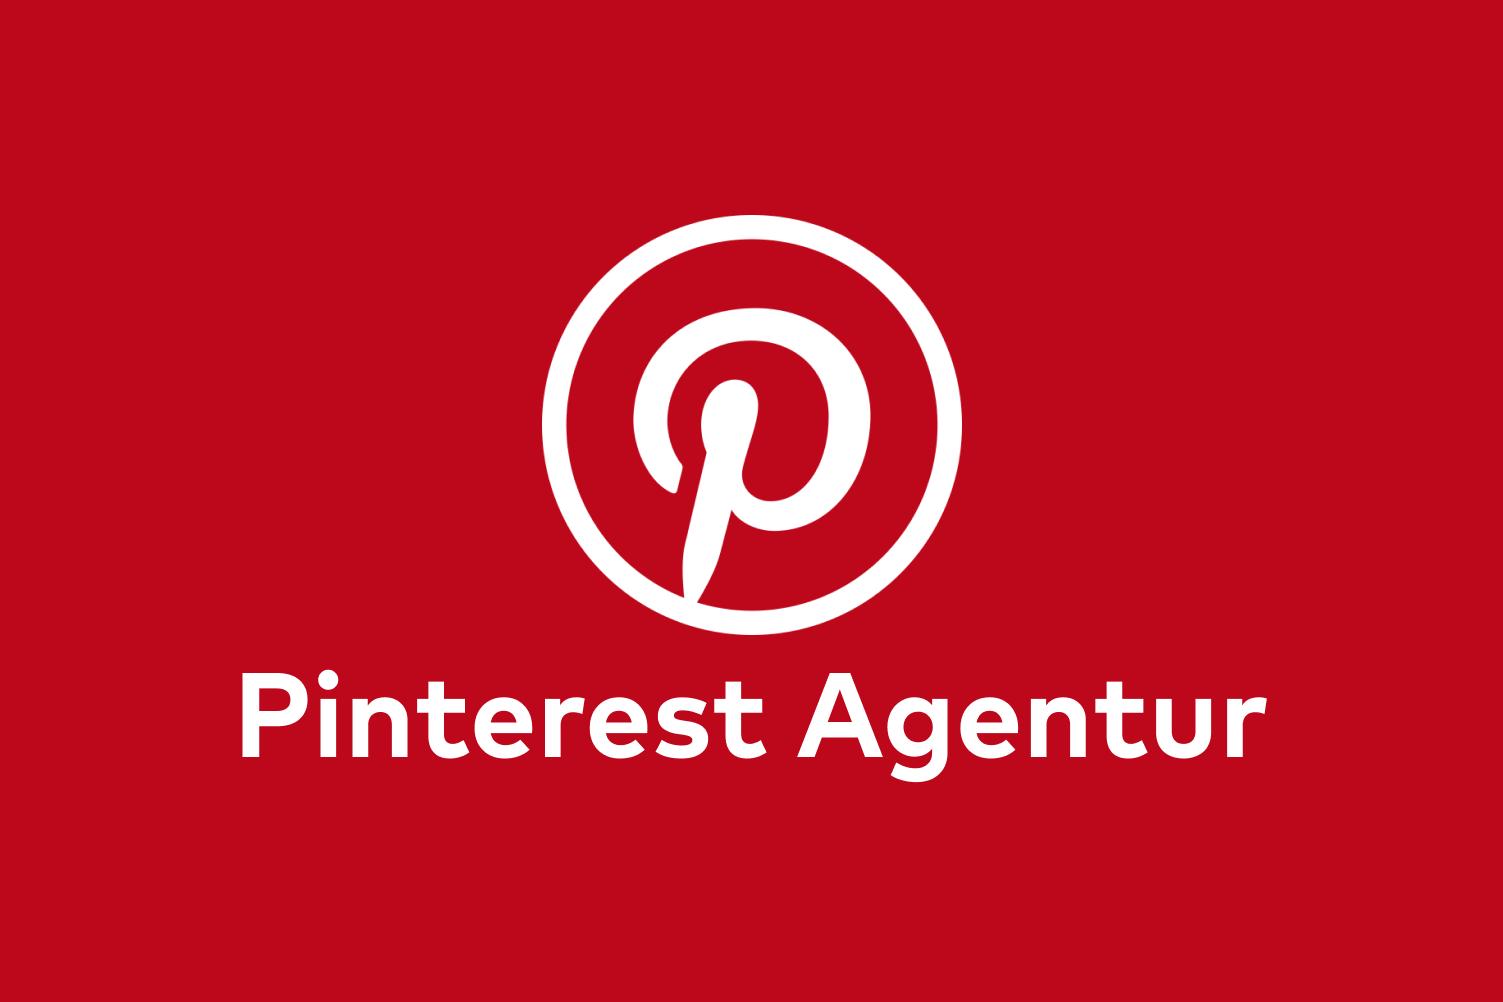 Pinterest Agentur Ihr Partner für Pinterest Marketing